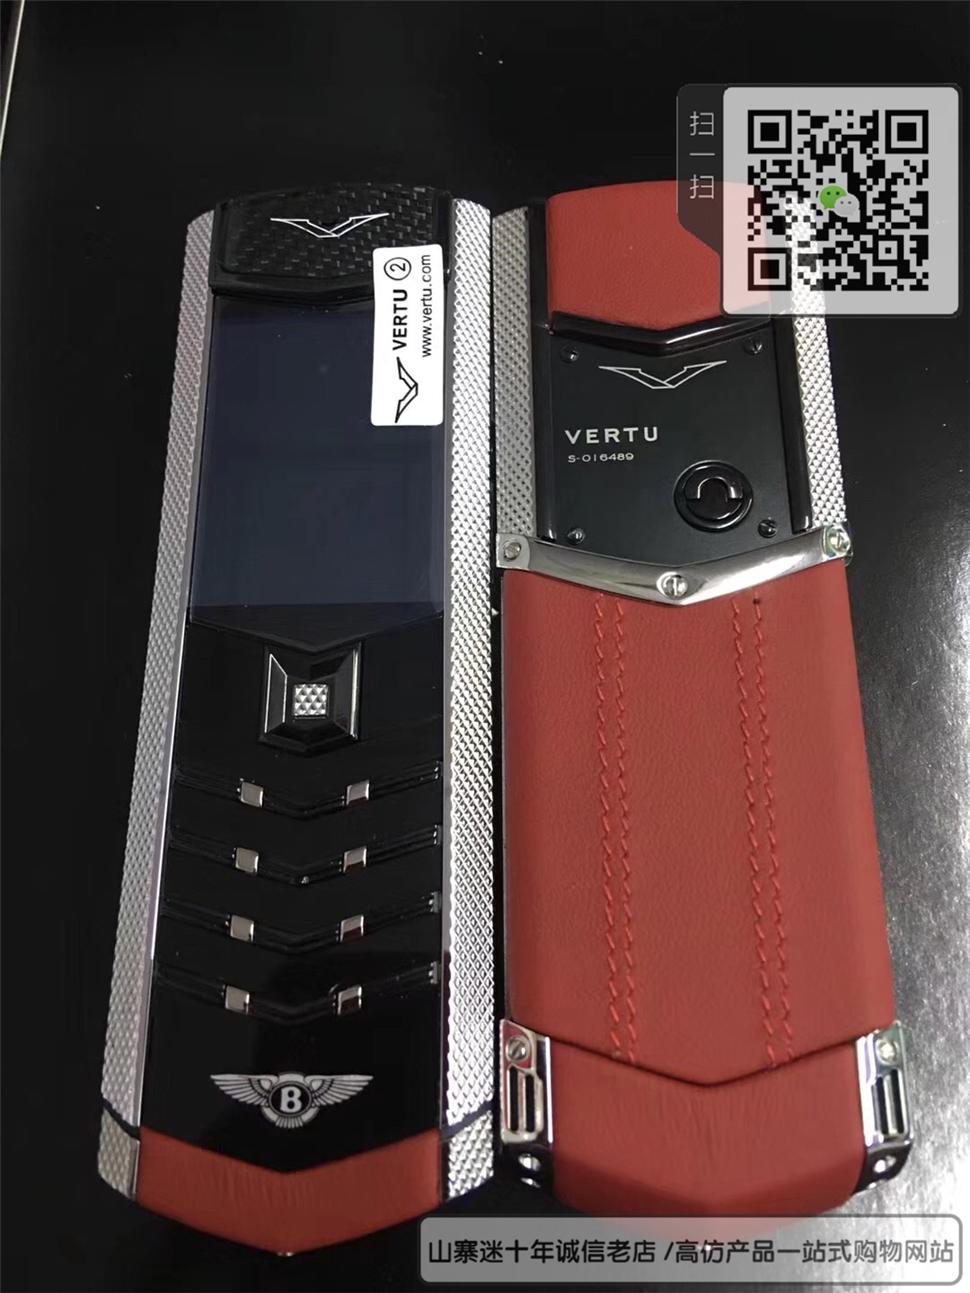 精仿VERTU Signature -红色+黑色+银色 - 小牛皮- 巴黎螺纹钉+隐藏键盘☼